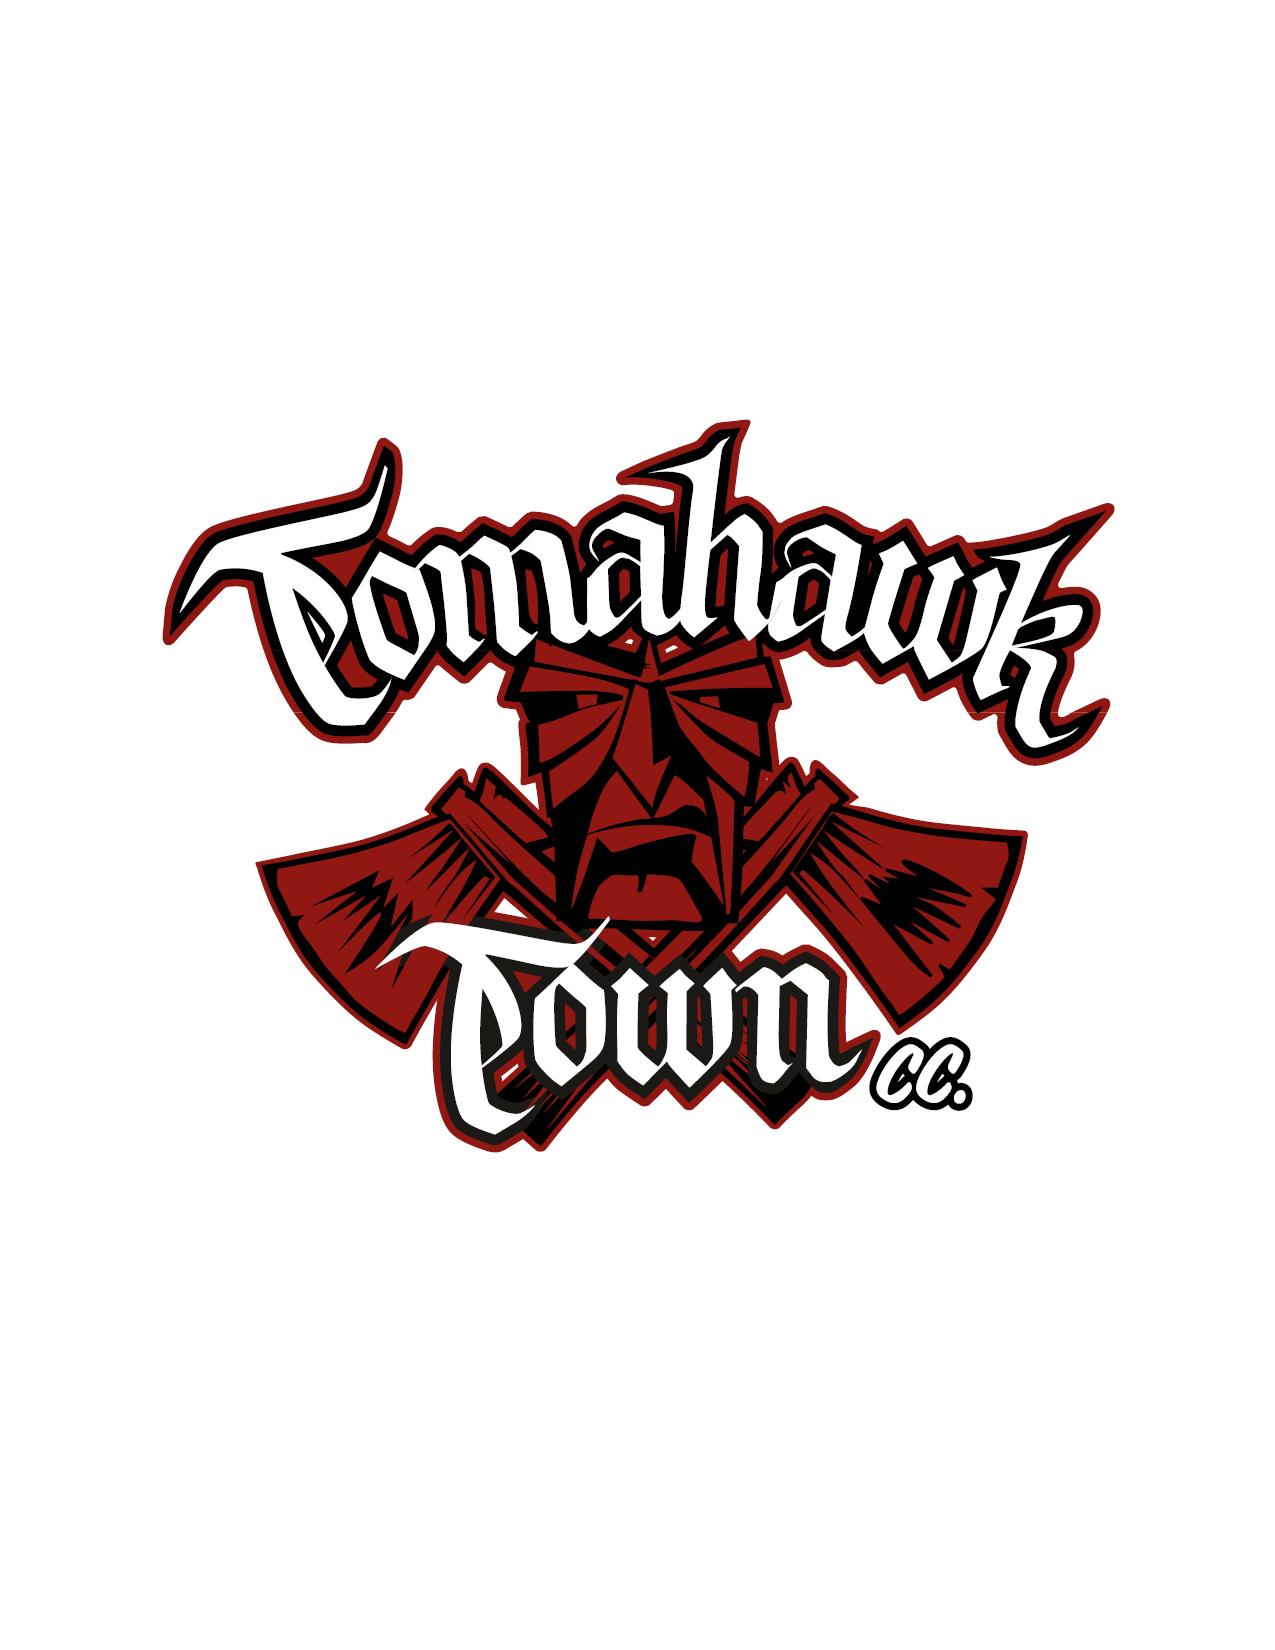 Tomahawk Town - car club